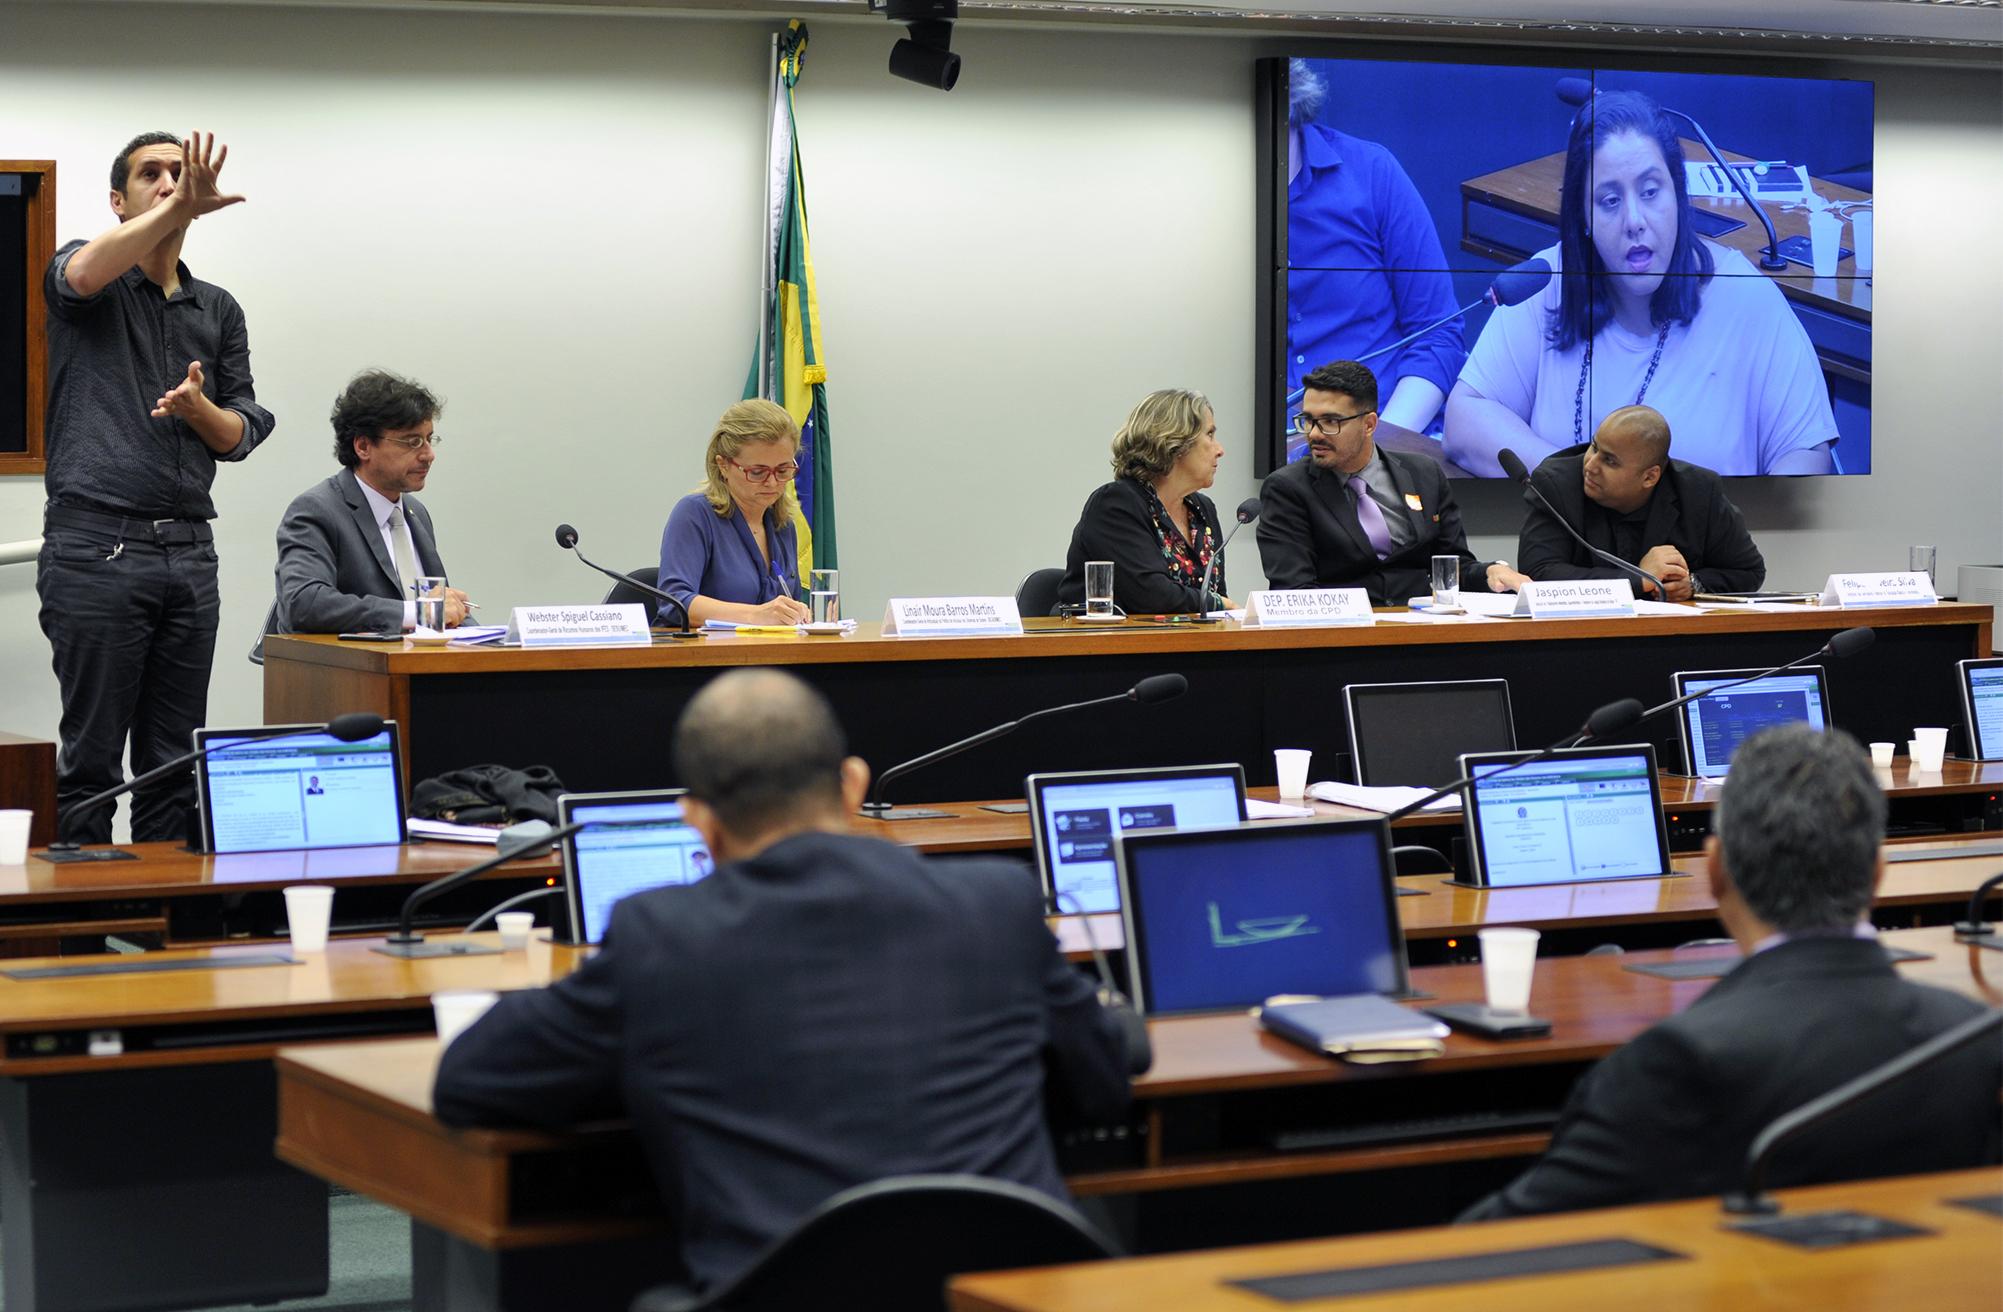 Audiência pública sobre a situação e contratação de tradutor e intérprete de Libras nas instituições federais de ensino